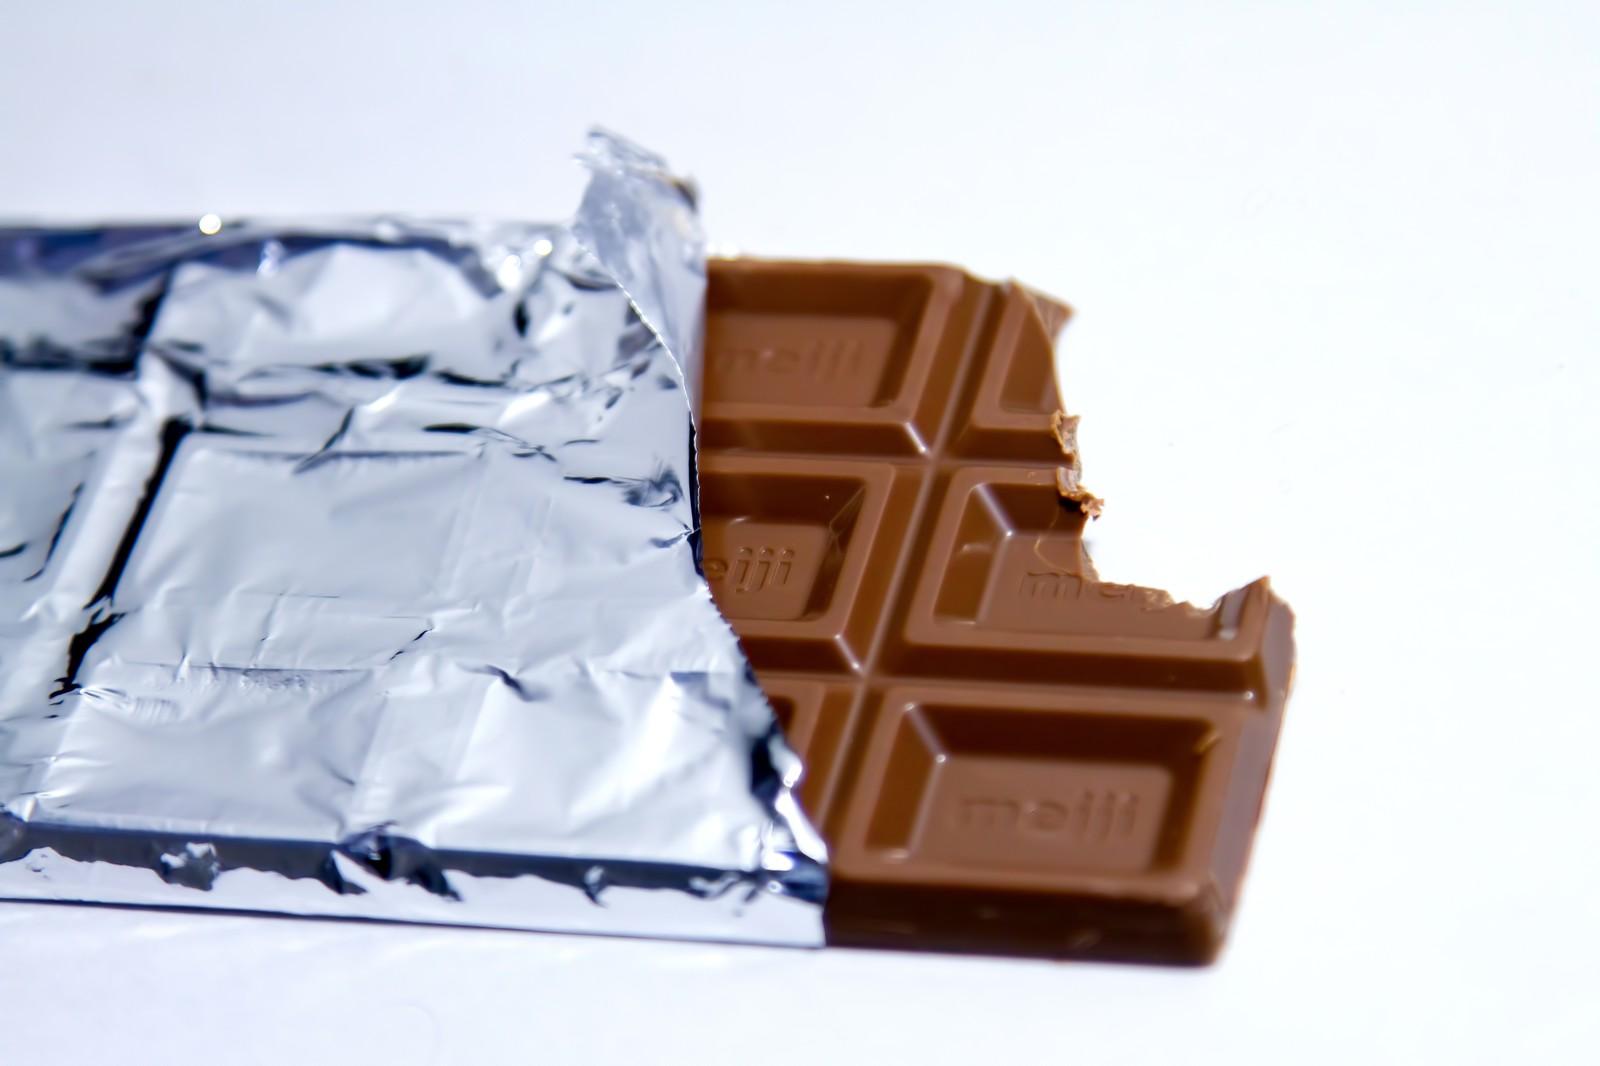 「災害時の非常食と言えば、チョコレート!」ってよく言うけど…